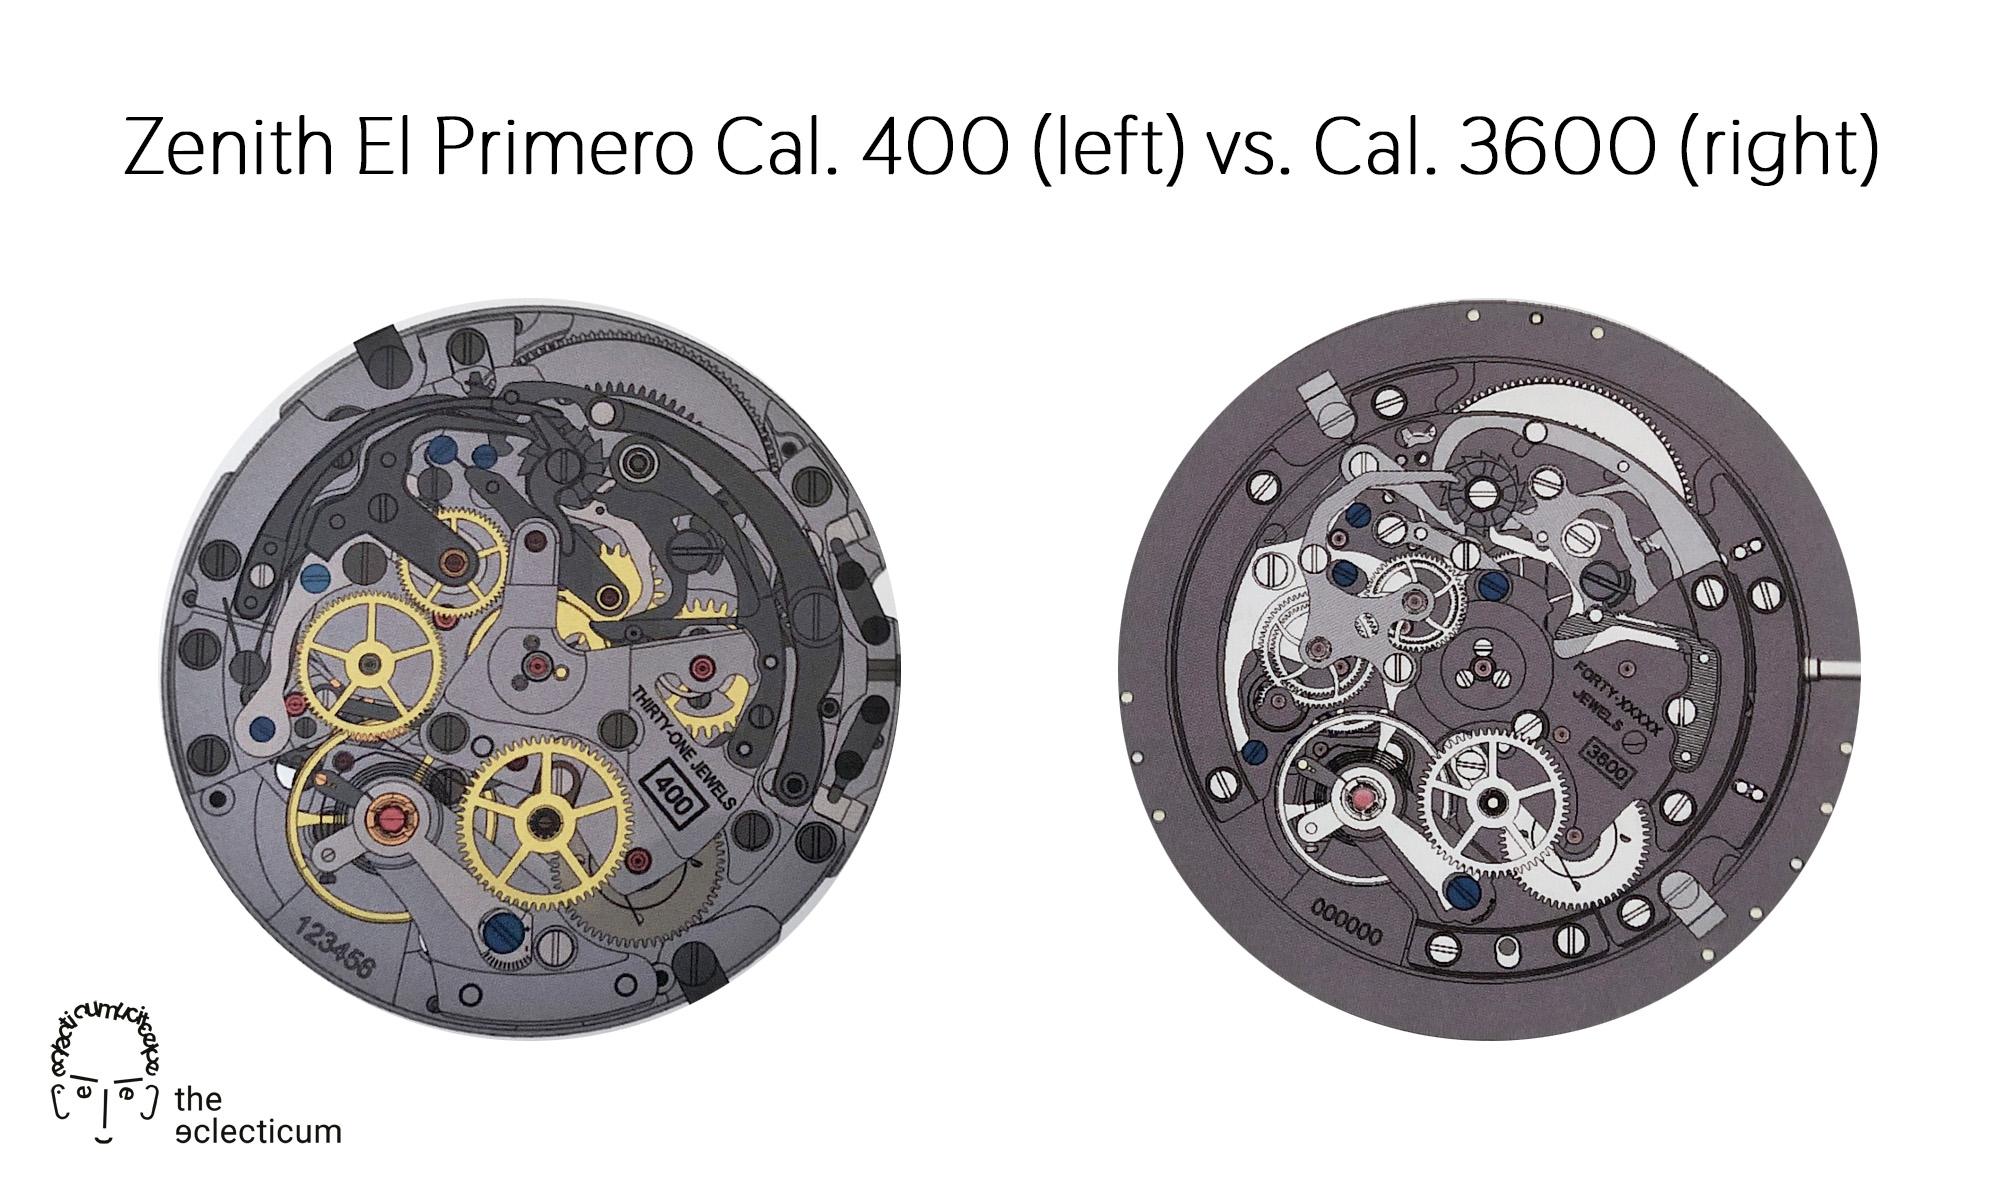 Zenith El Primero 400 3600 automatic chronograph movement